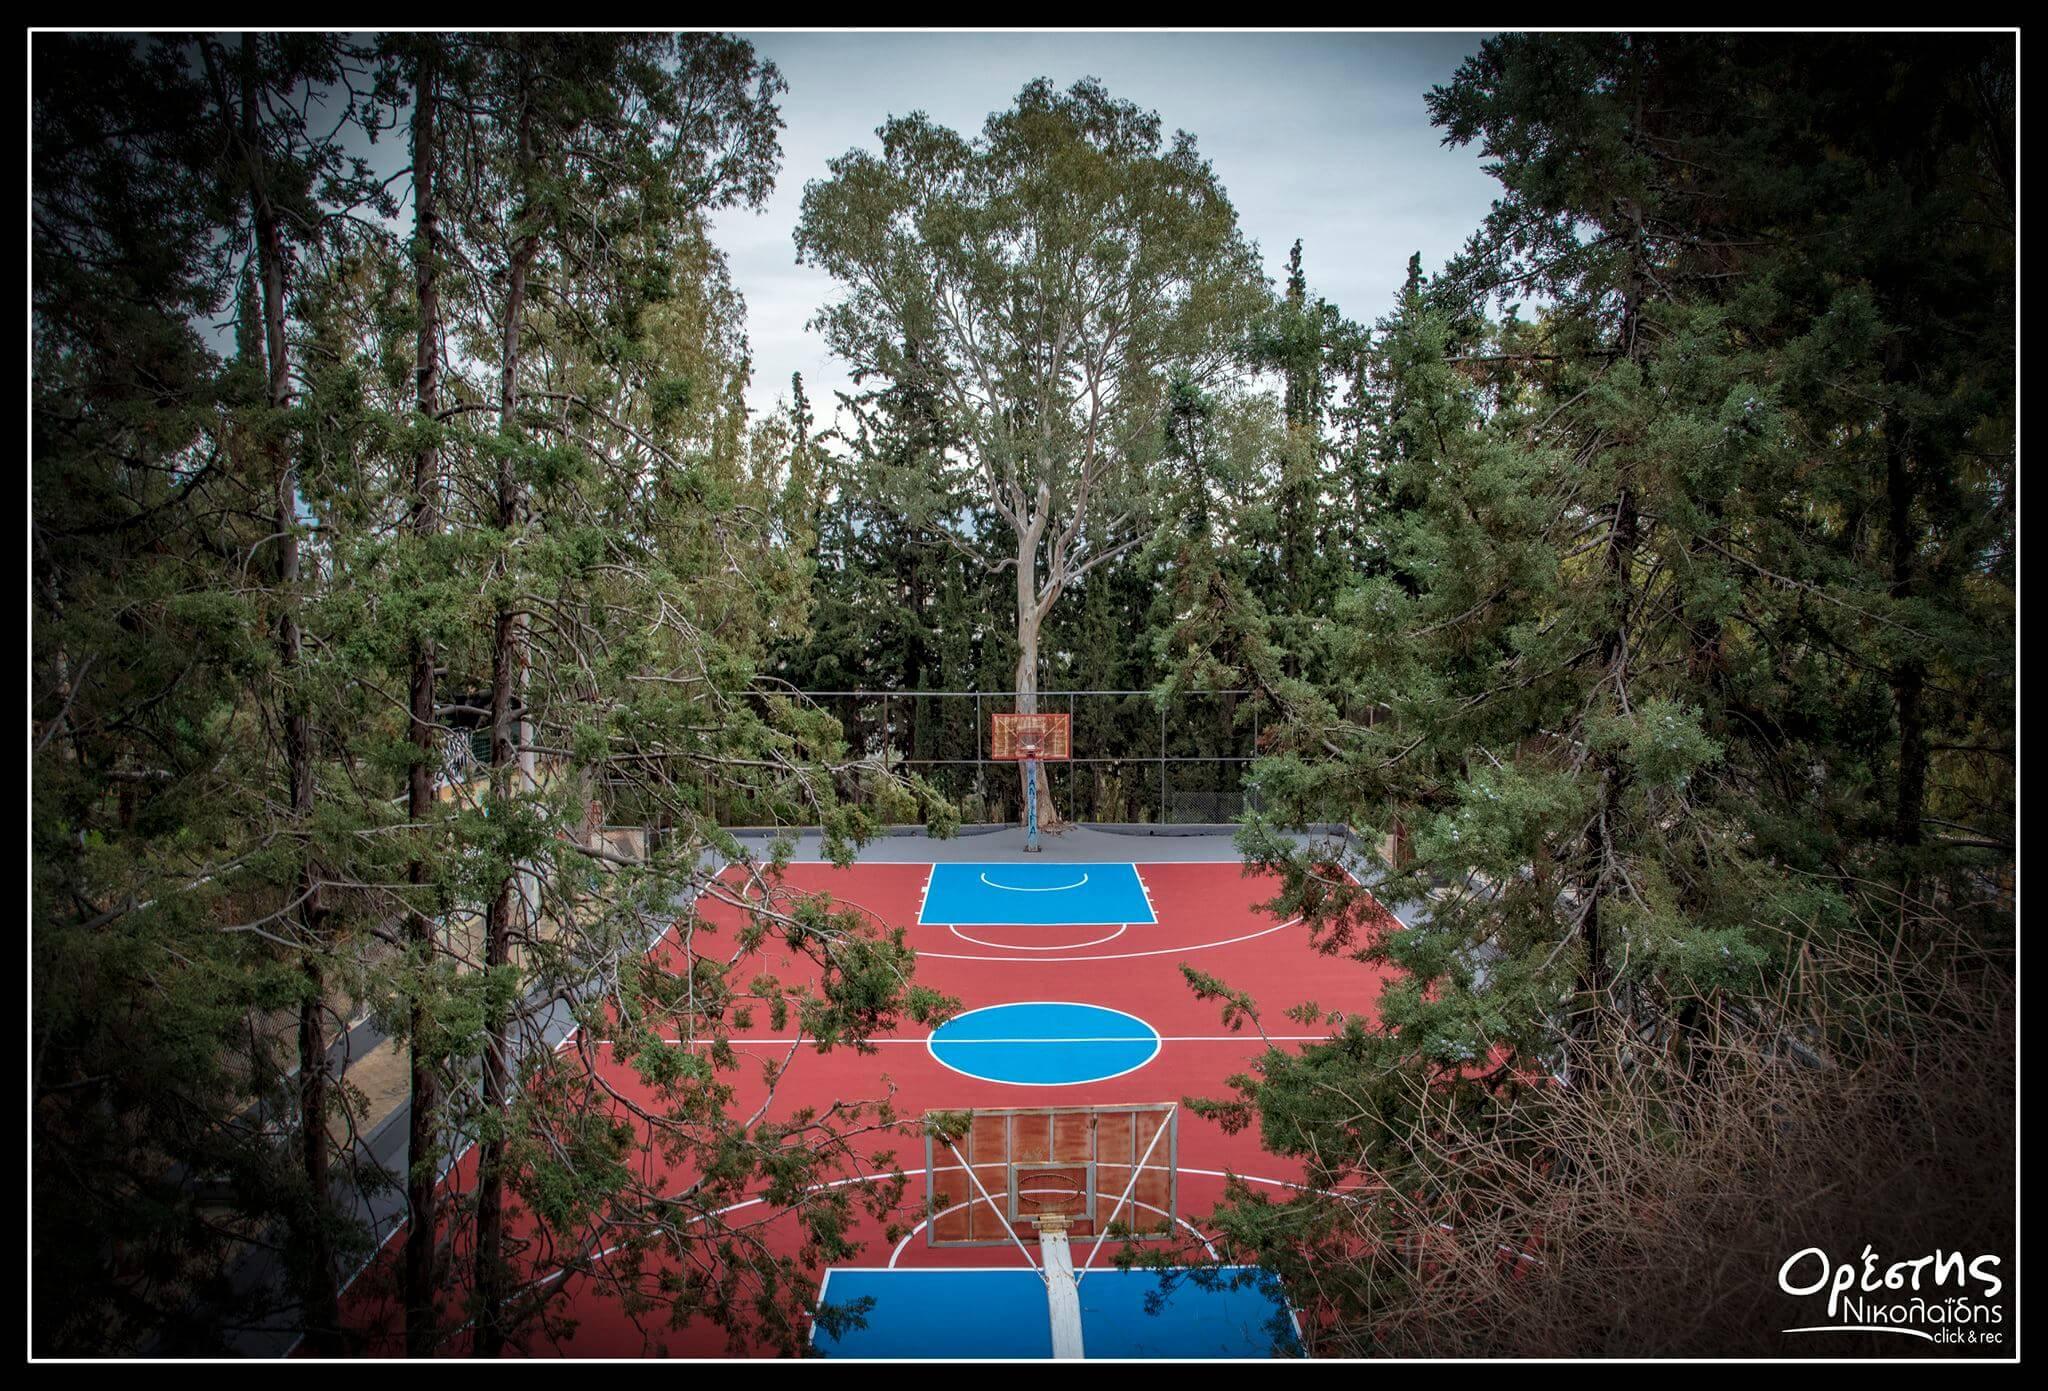 Νίκαια: Έτοιμο και το μπάσκετ στον Άγιο Φίλιππο